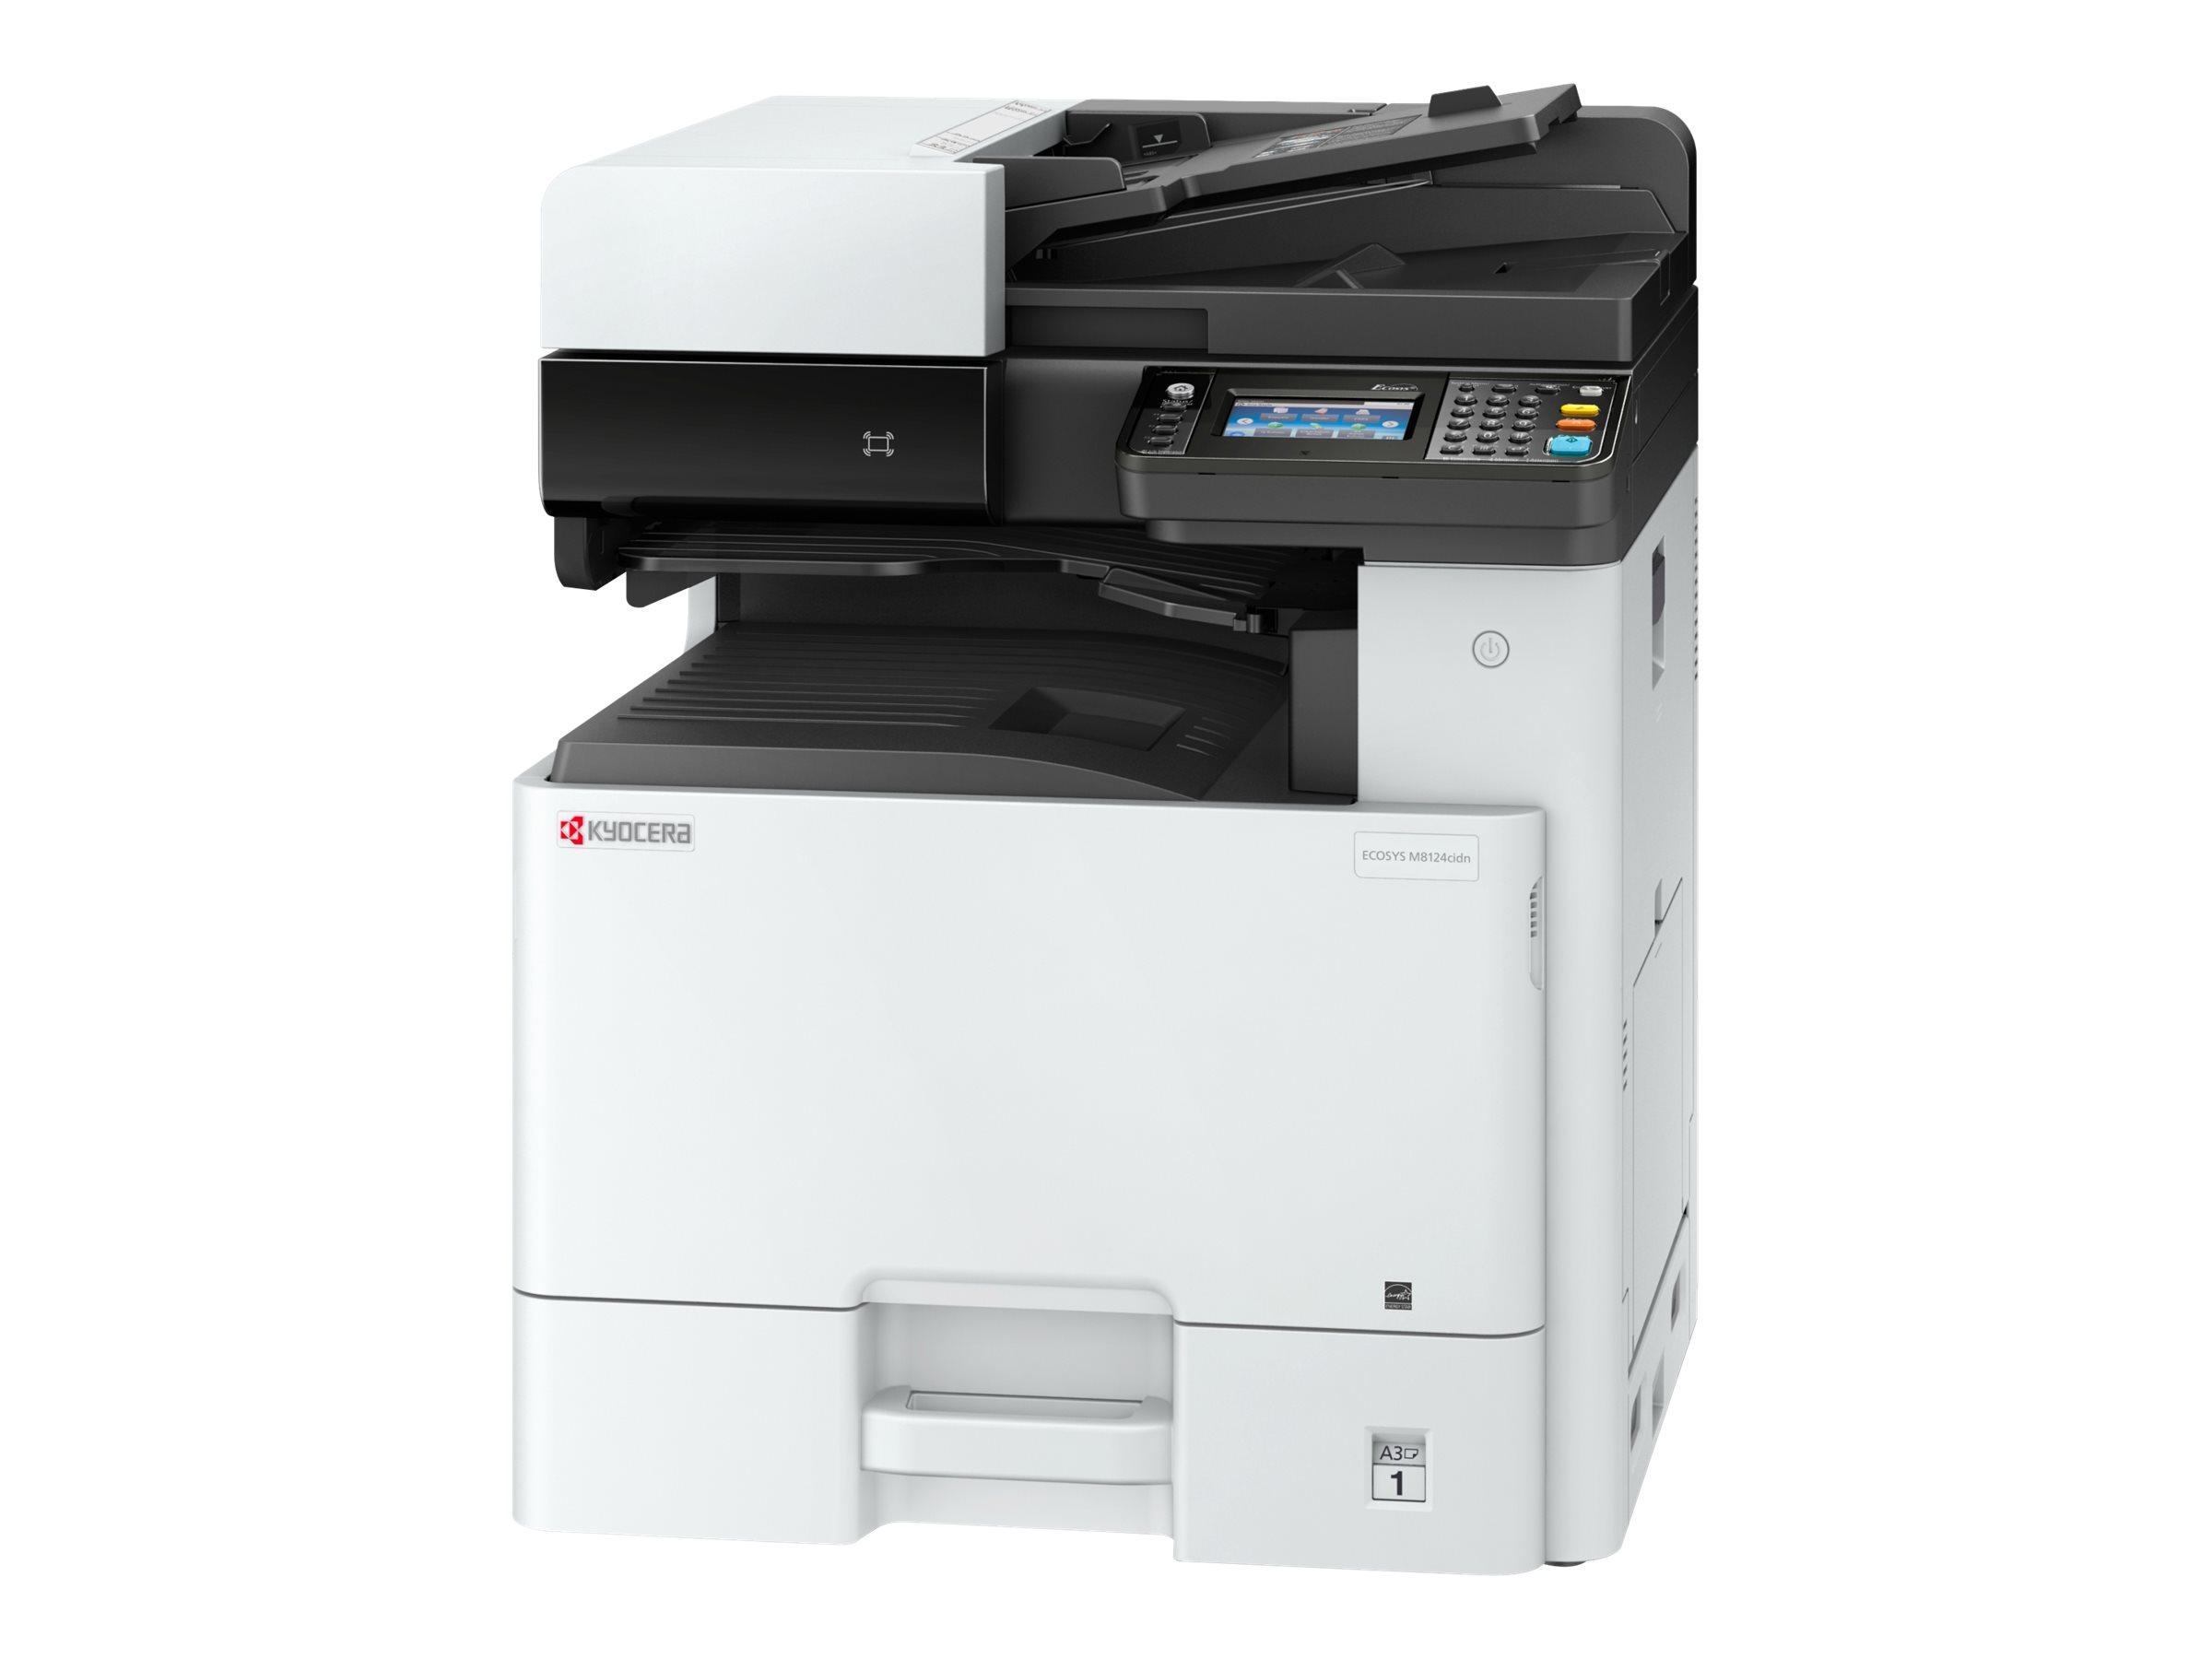 Kyocera ECOSYS M8124cidn - Multifunktionsdrucker